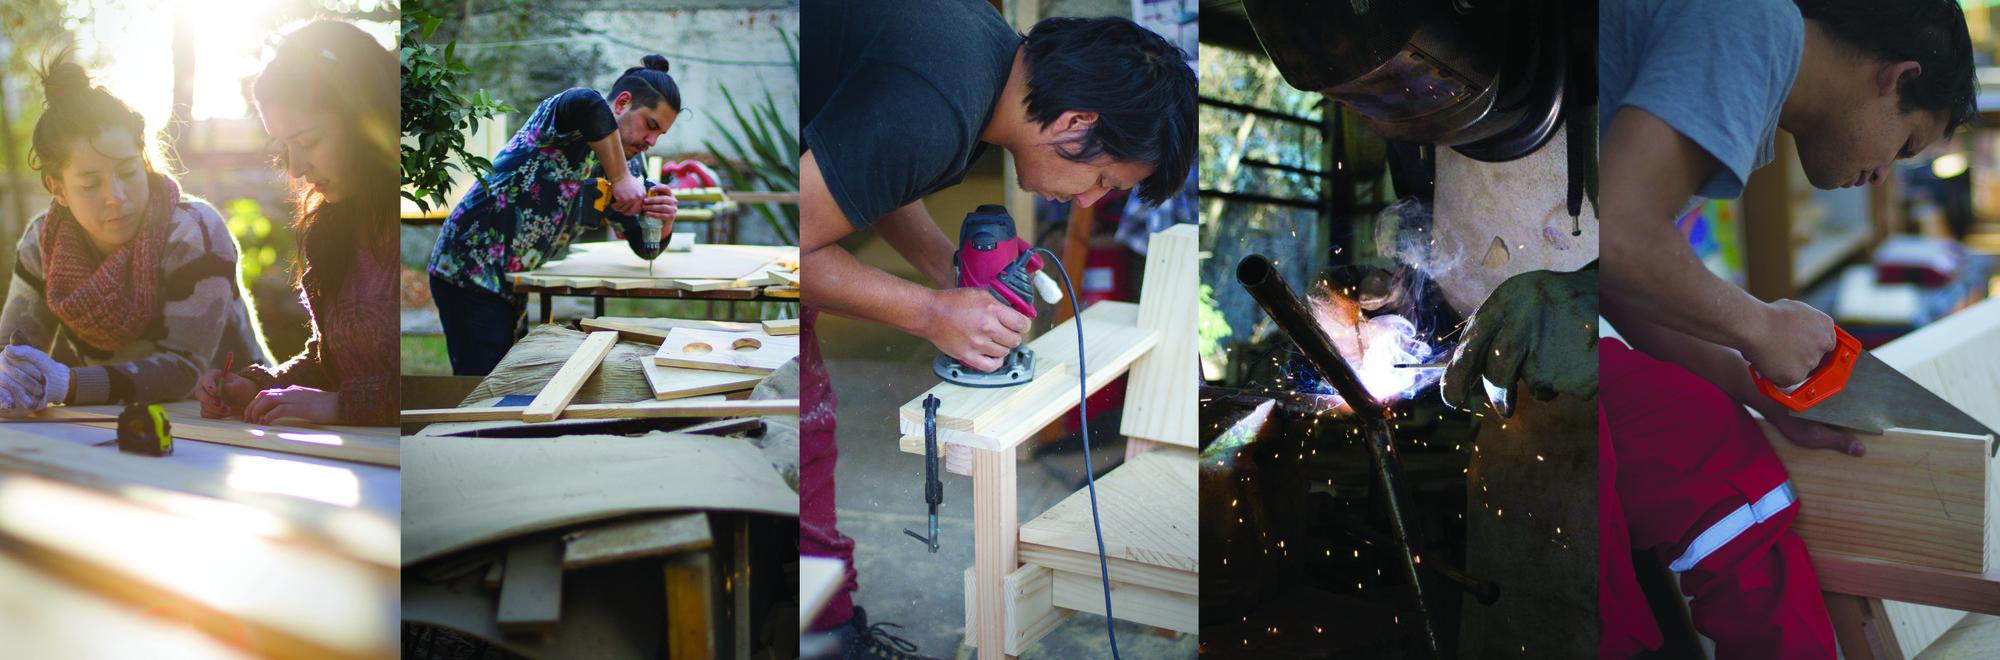 LaPlaza y Cerveza Corona; la primera comunidad de diseño chileno crea una línea de mobiliario inspirado en la marca